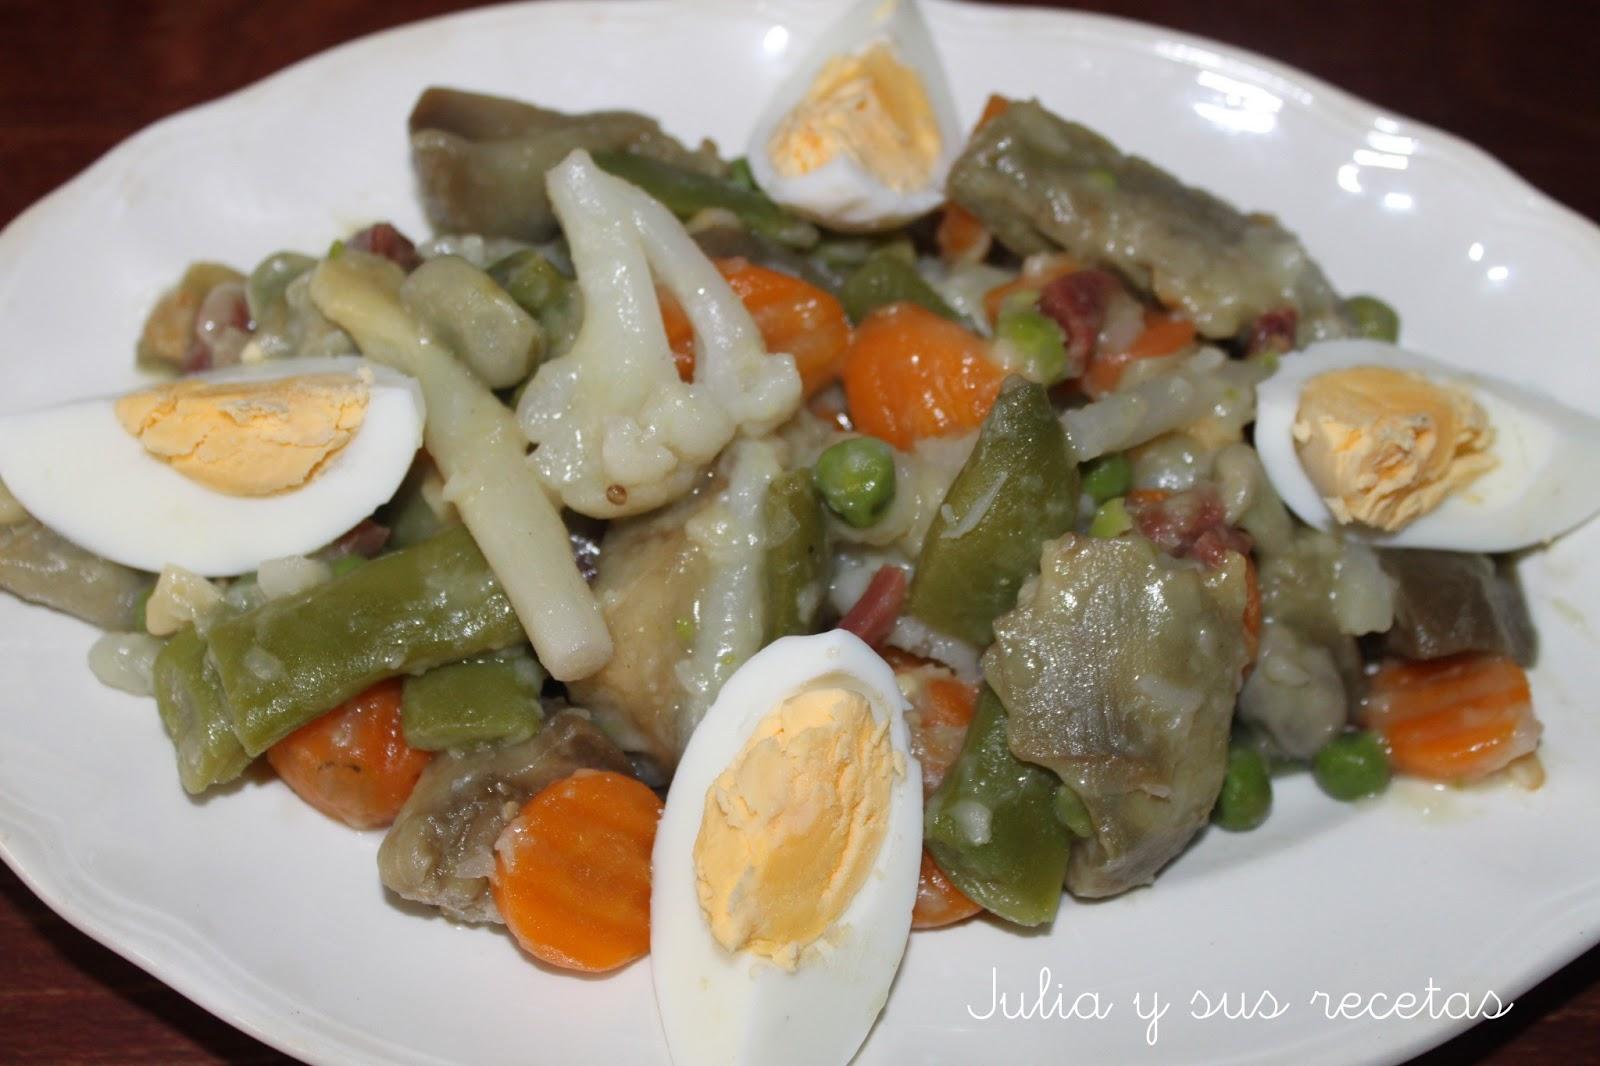 Julia y sus recetas menestra de verduras - Menestra de verduras en texturas ...